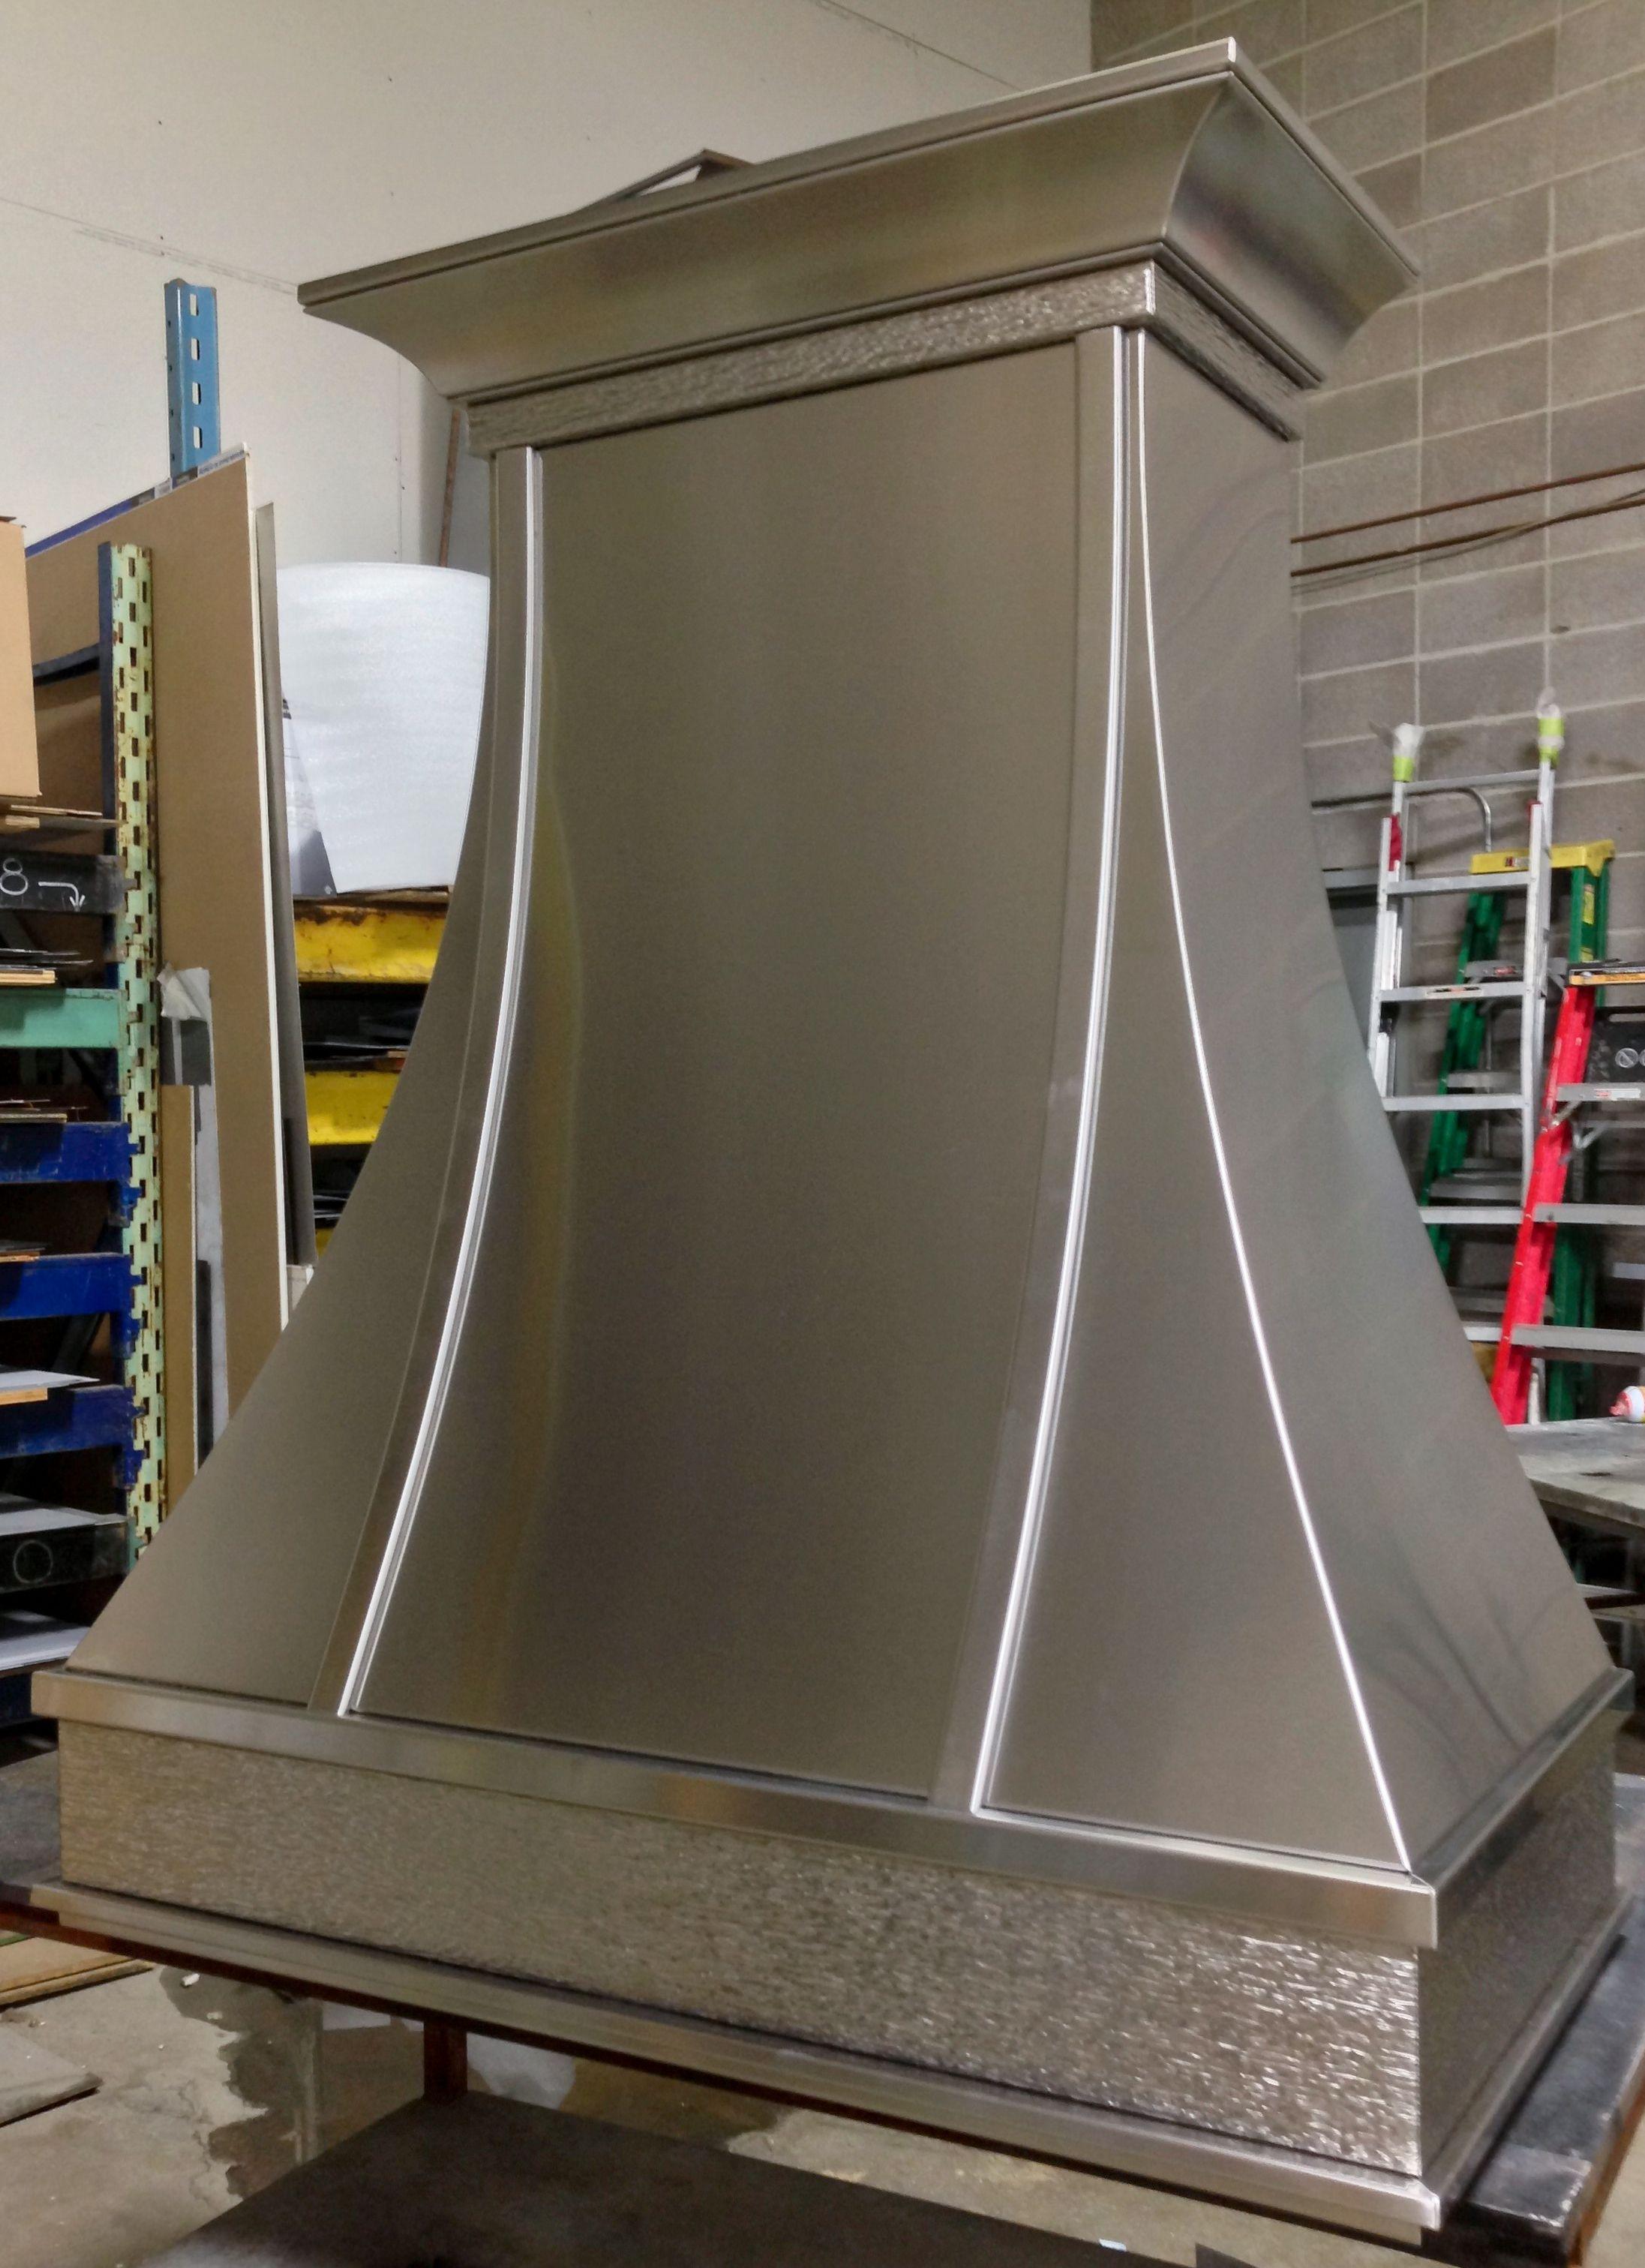 Stainless P20 Custom Stainless Steel Range Hood Hoods By Hammersmith Stainless Steel Range Hood Range Hoods Kitchen Hoods